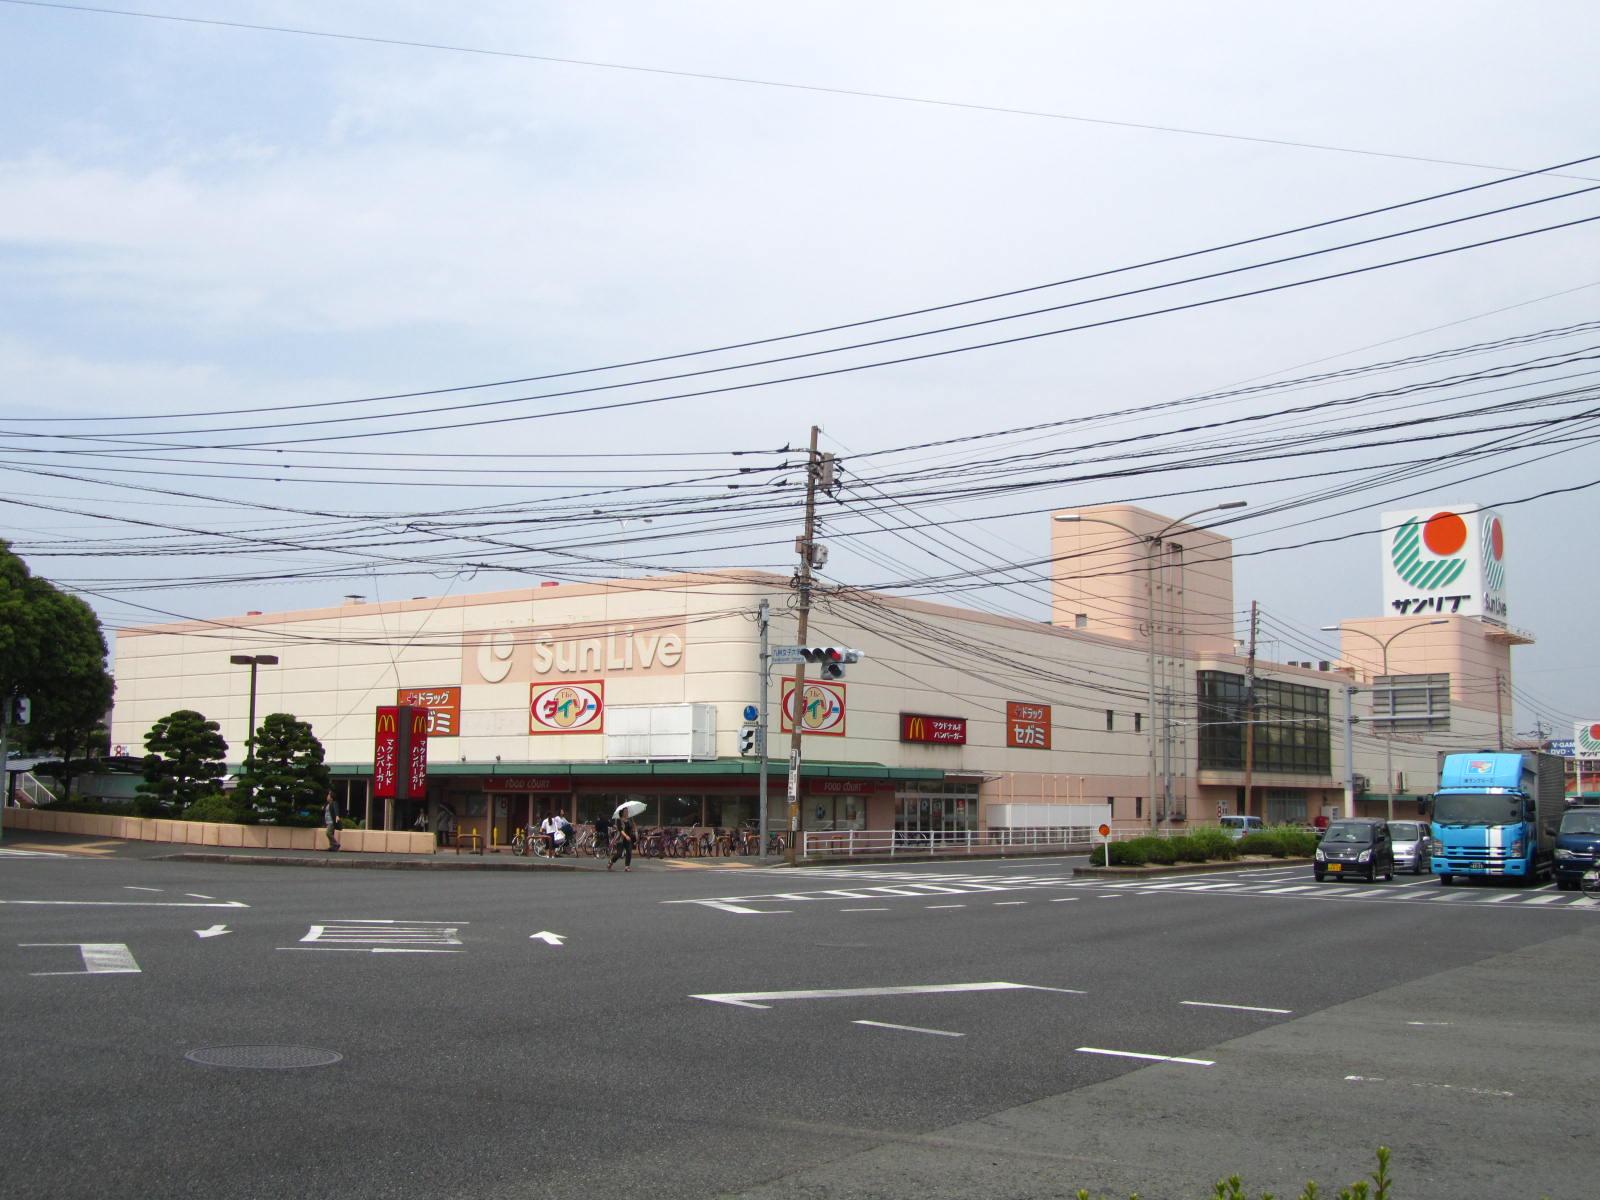 スーパー:【4/1オープン】SunLive(サンリブ) 折尾店 1129m